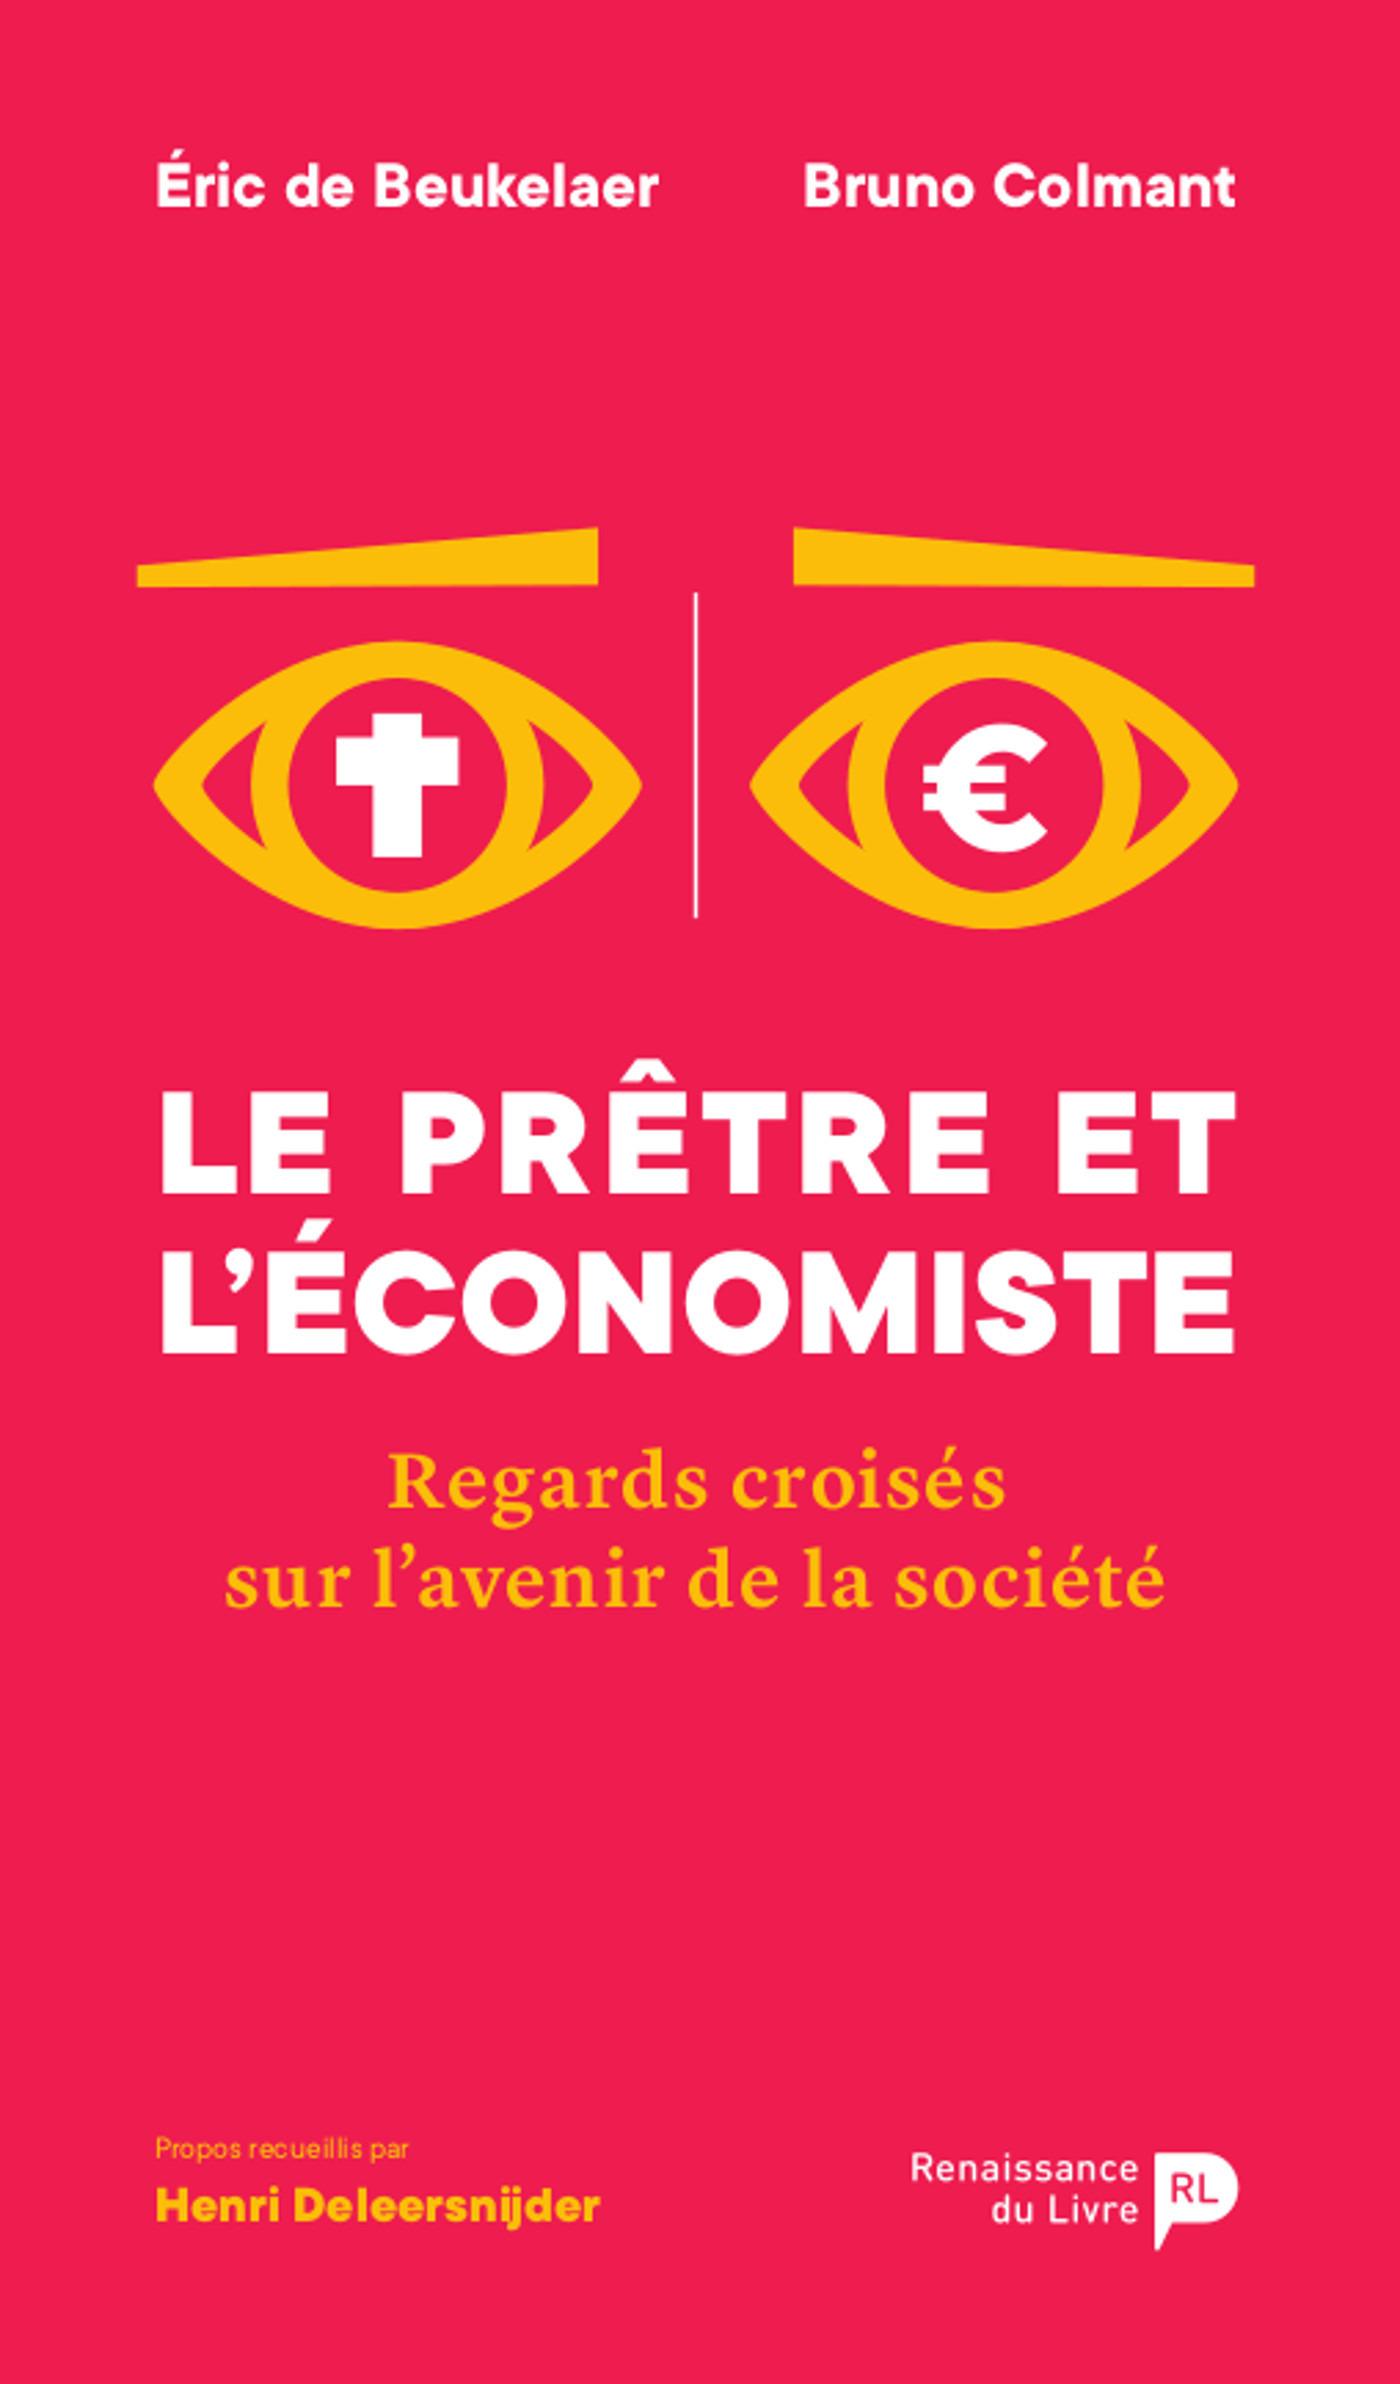 Le prêtre et l'économiste ; regards croisés sur l'avenir de la société